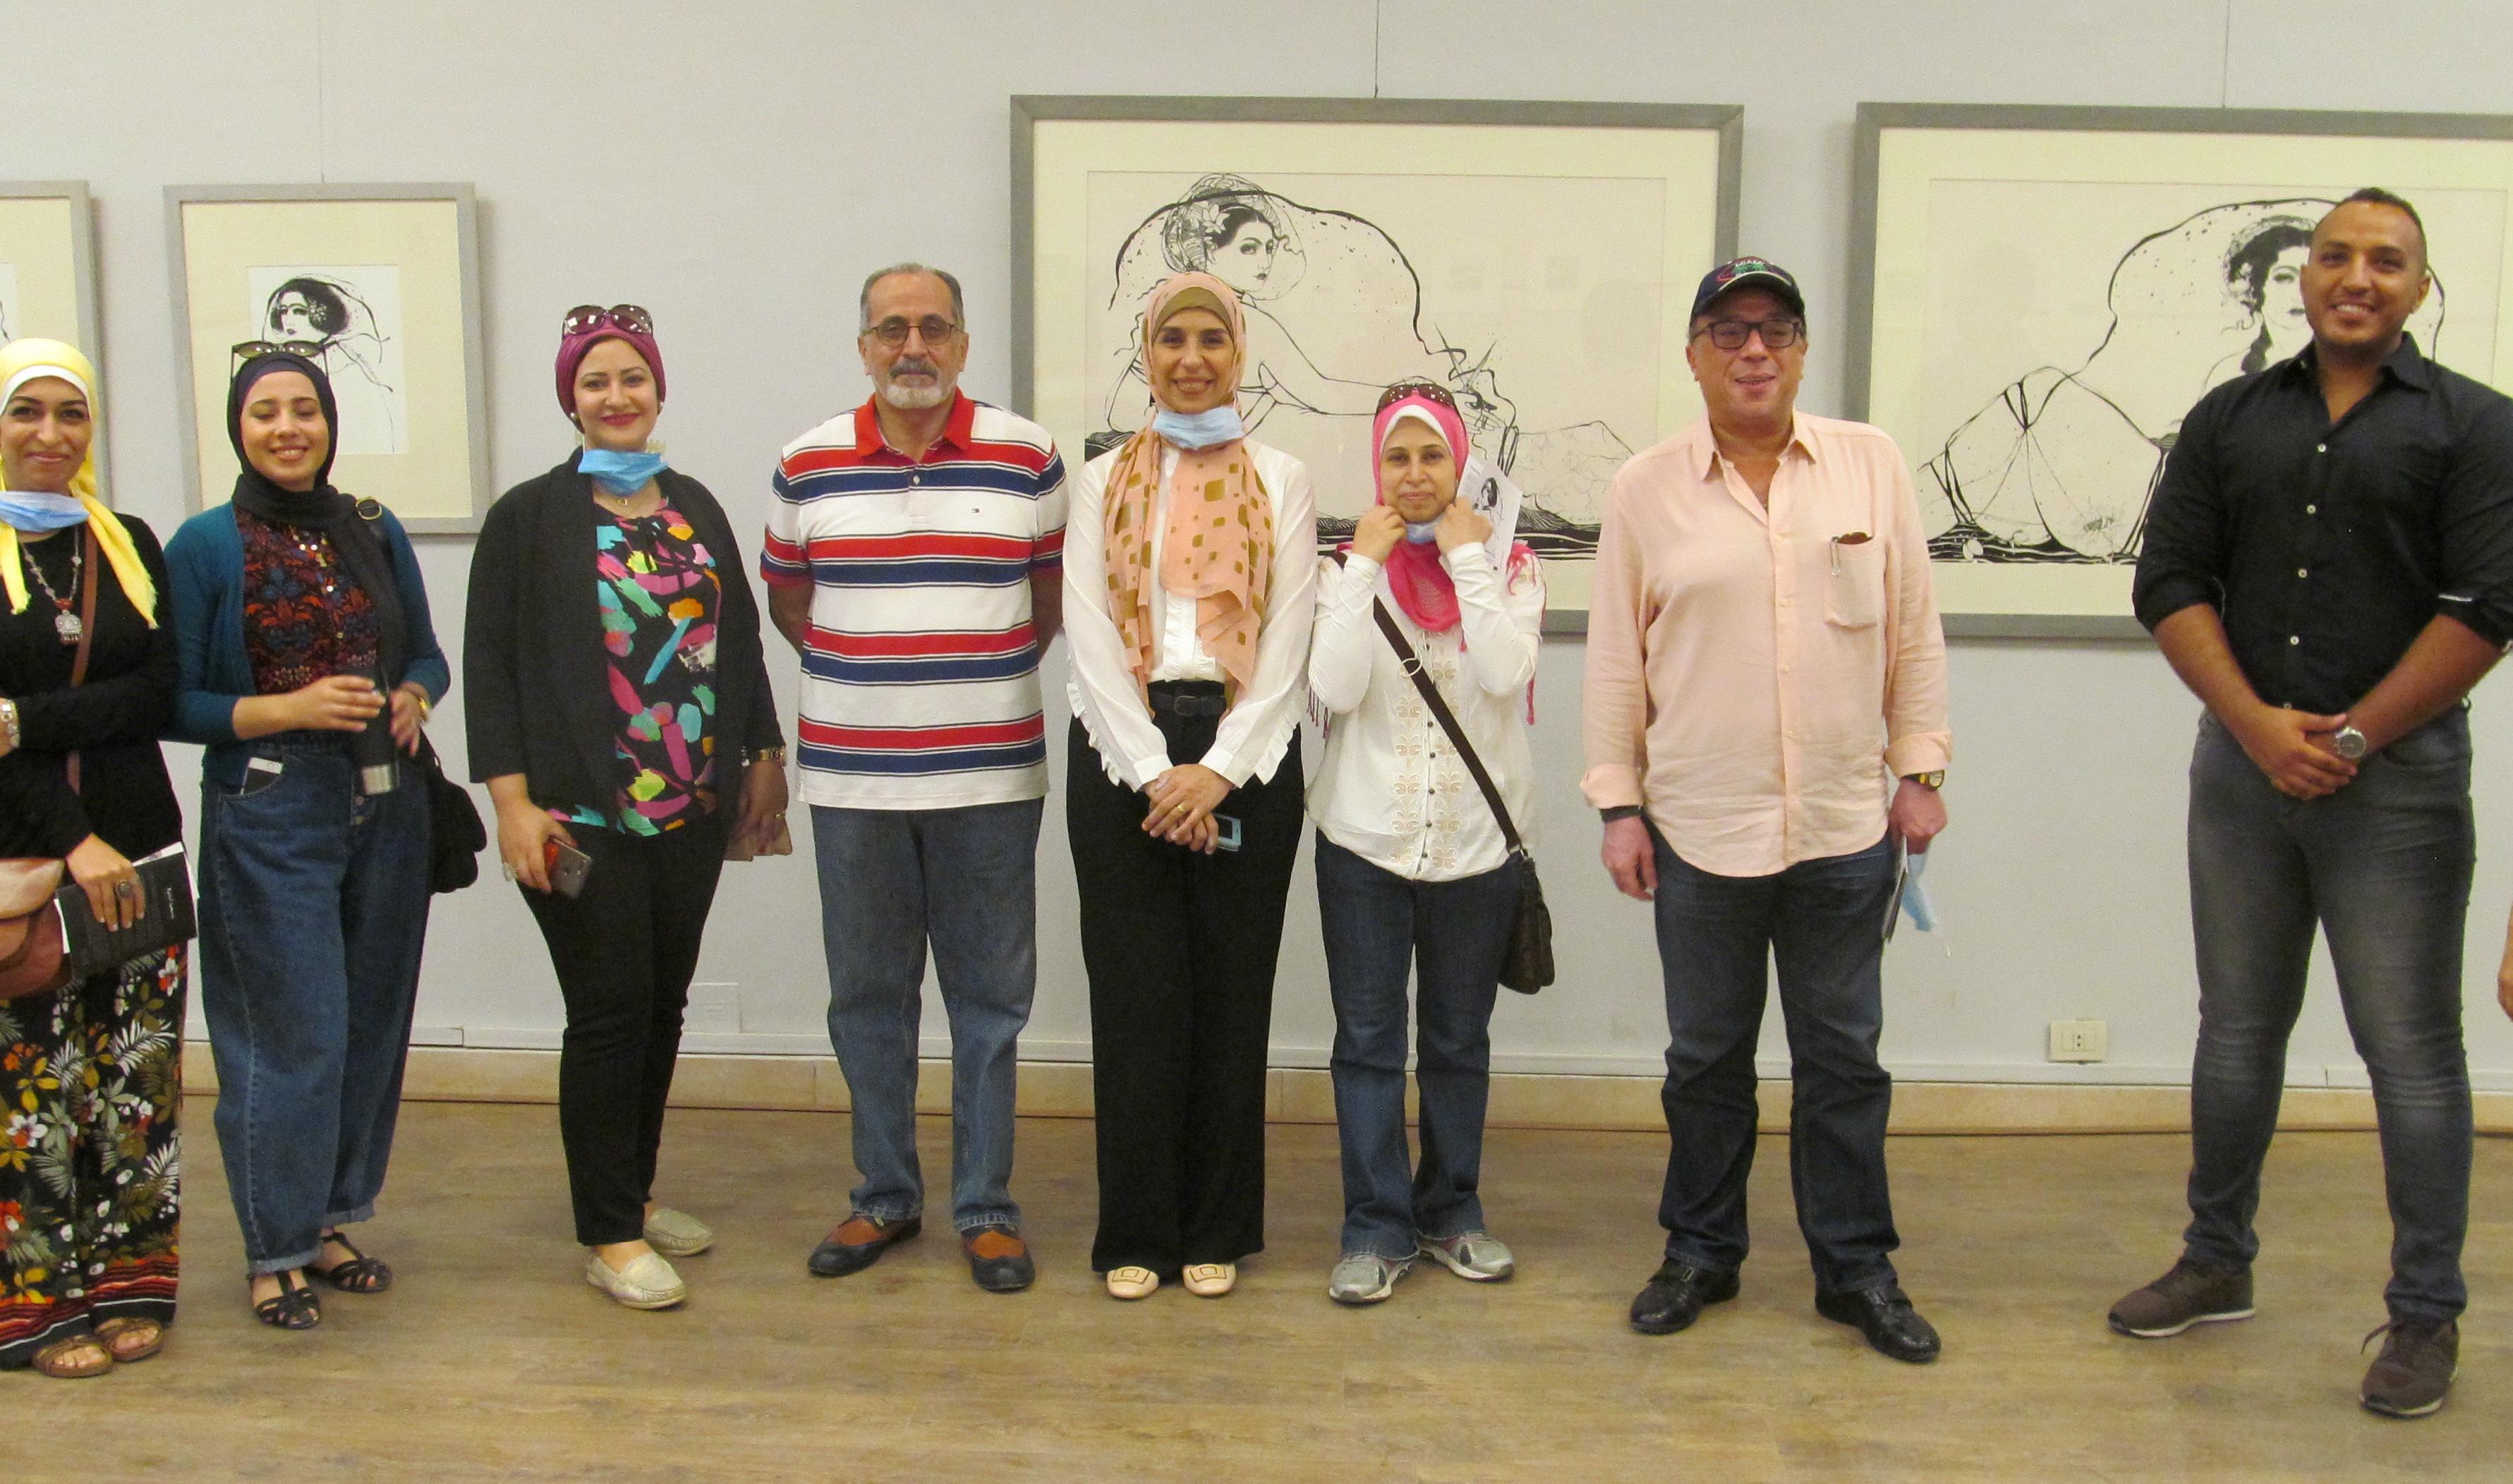 الدكتور أشرف رضا بمعرض الدكتورة إيمان أسامة  (1)